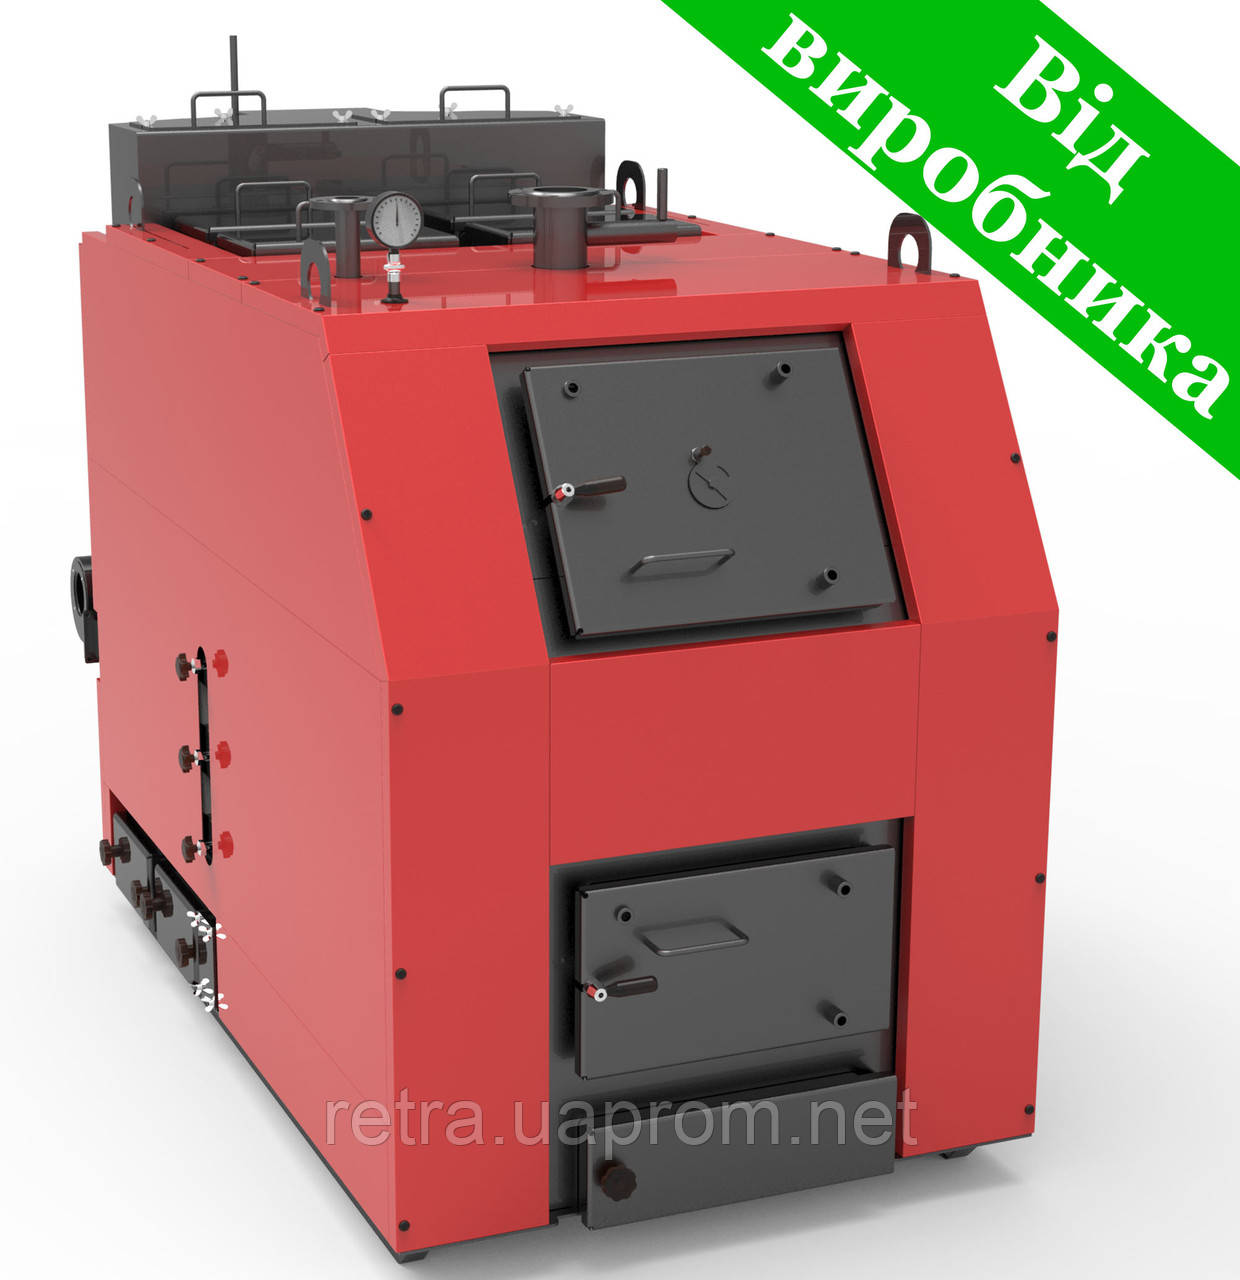 Котел твердотопливный Ретра-3М 250 кВт промышленный длительного горения